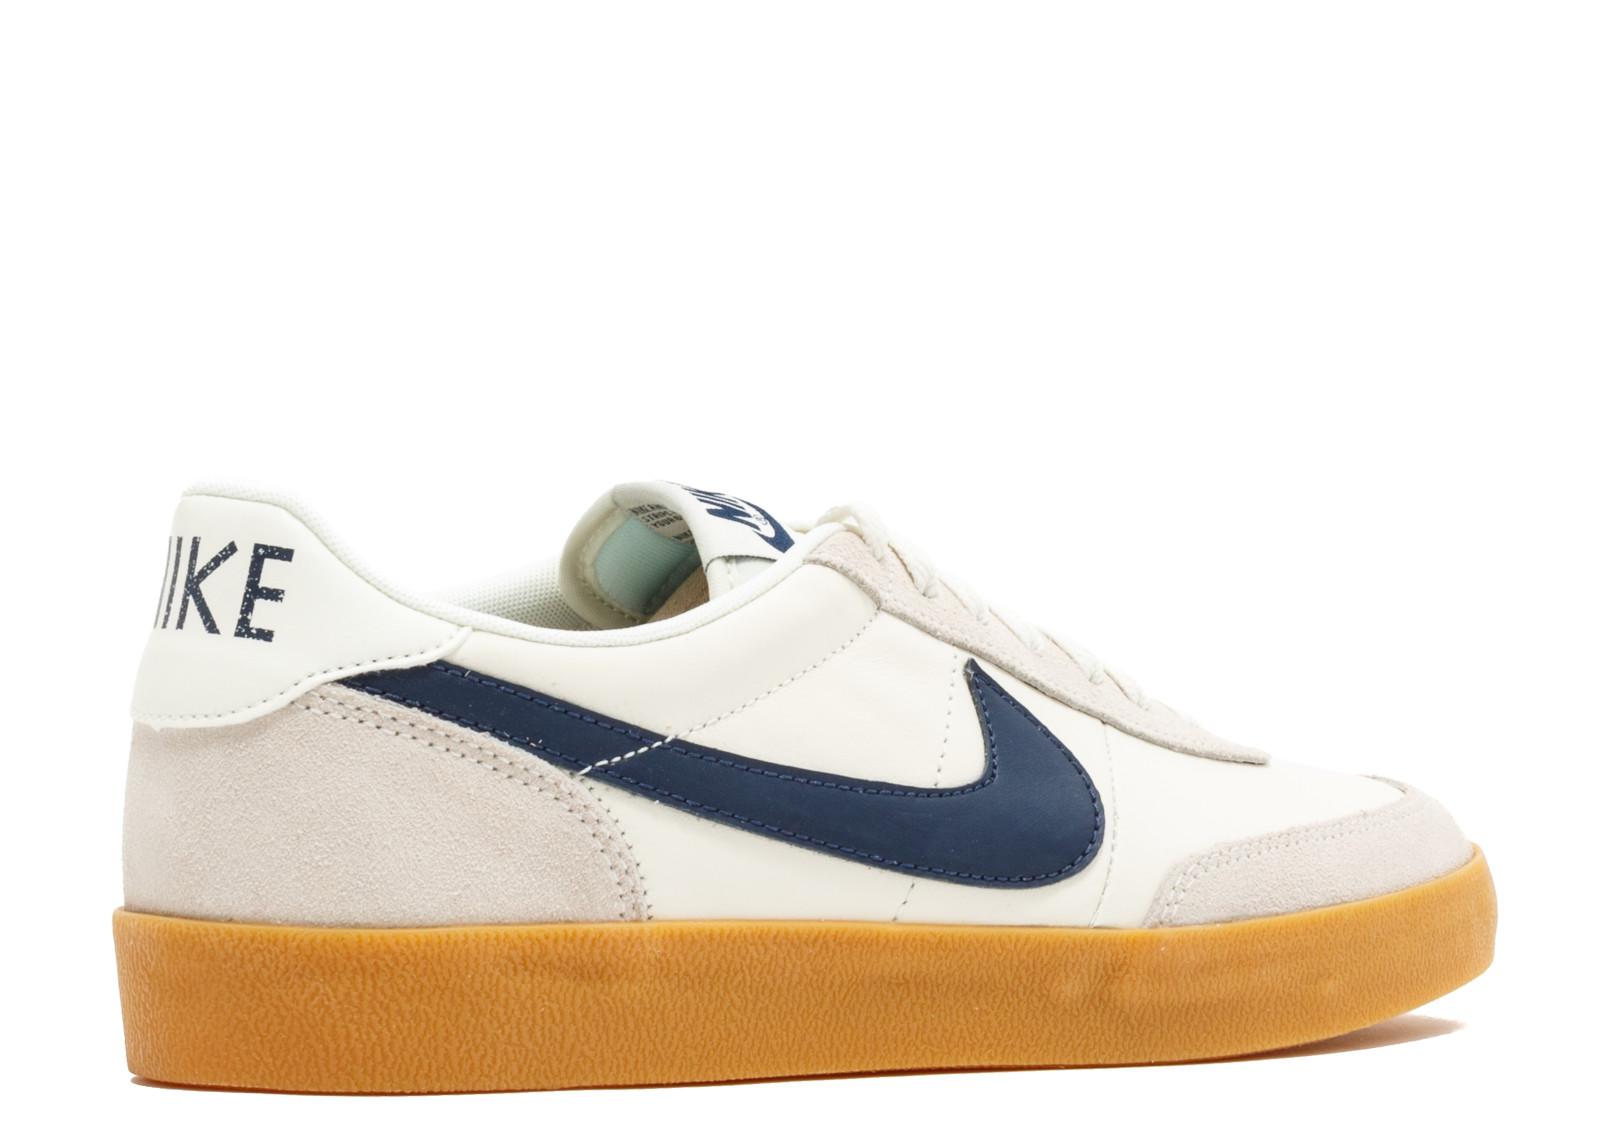 75b22a65de3 Kick Avenue - Authentic Sneakers